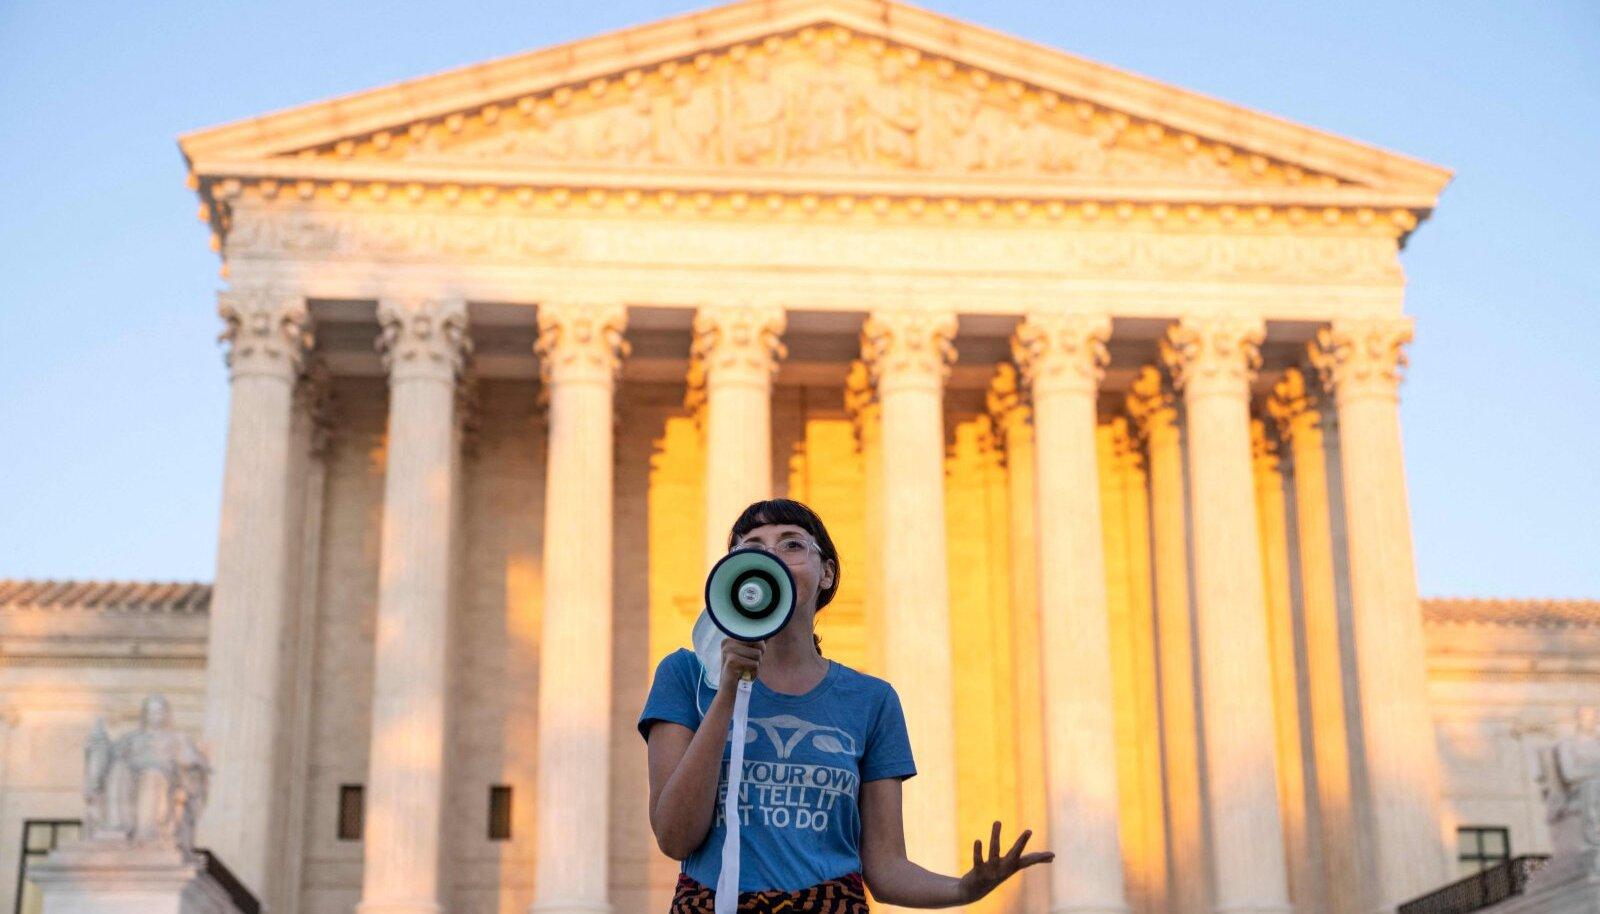 Активистка, отказавшаяся назвать свое имя, выступает перед Верховным судом в знак протеста против нового закона Техаса об абортах, который запрещает процедуру примерно через шесть недель беременности 2 сентября 2021 года в Вашингтоне, округ Колумбия